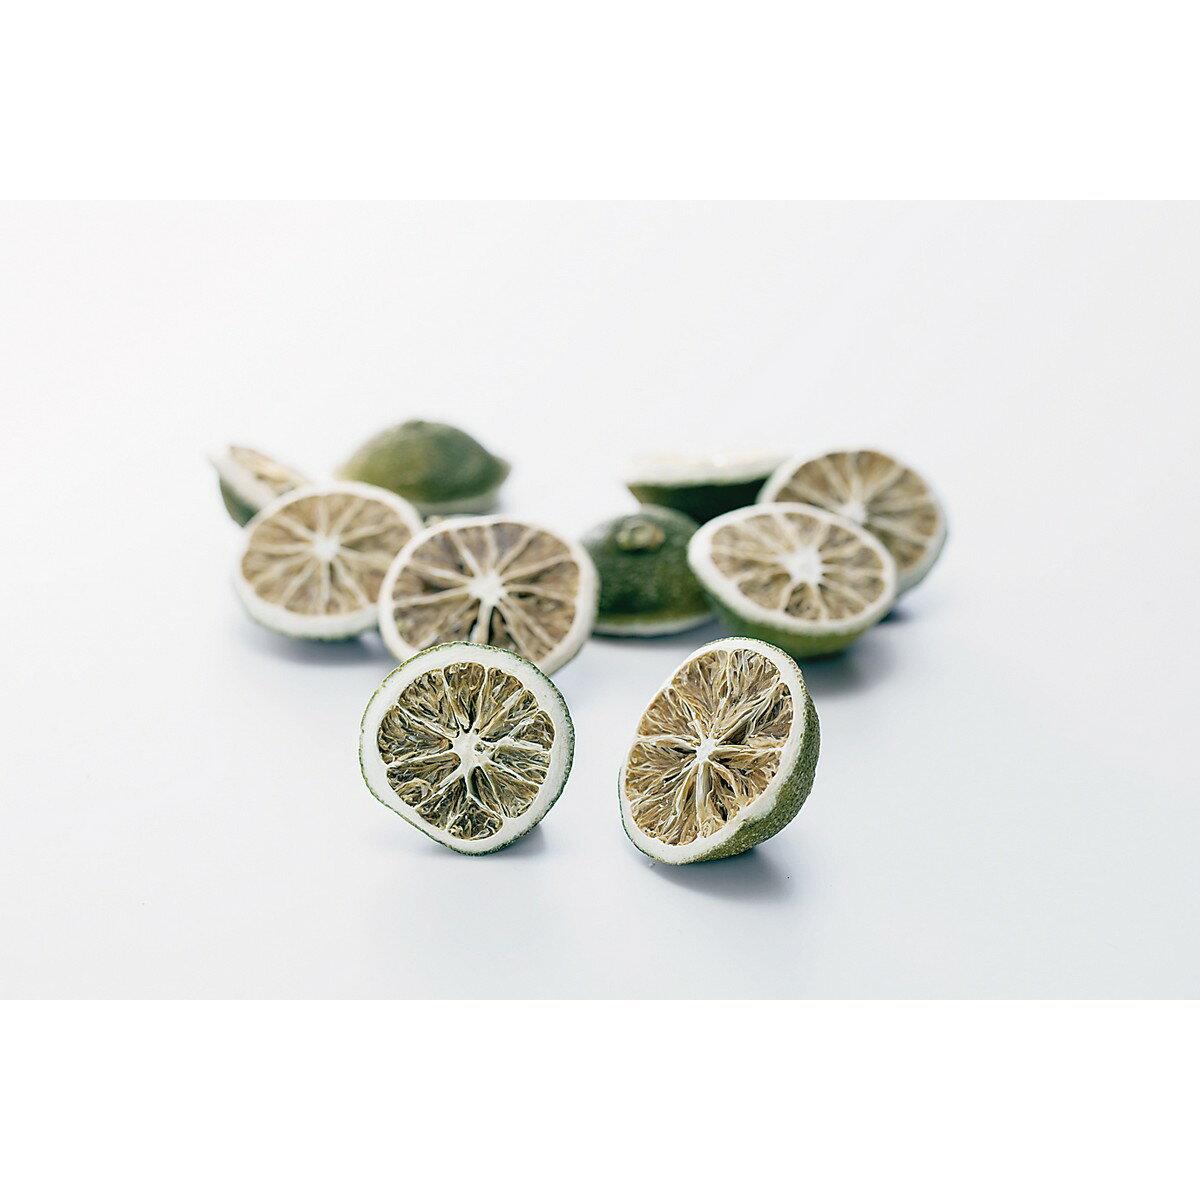 【ドライ】大地農園/ミニレモン・ハーフ グリーン 約9個/20090-700《 ドライフラワー ドライ実物&フルーツ フルーツ、香りのアイテム 》